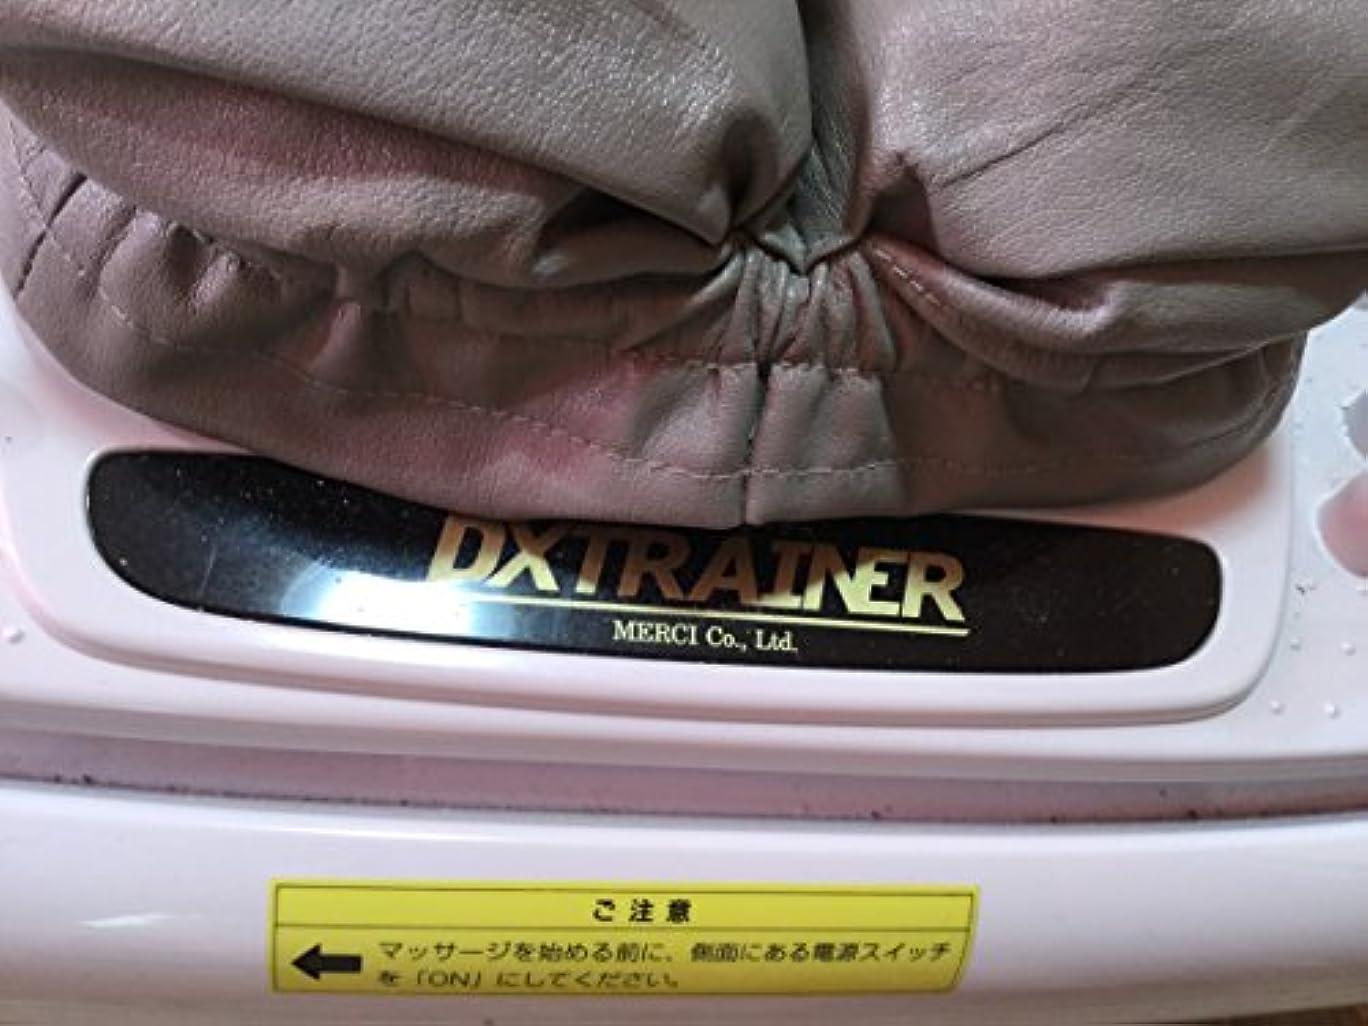 冬複雑権限DX TRAINER ディーエックストレーナー MD-8400